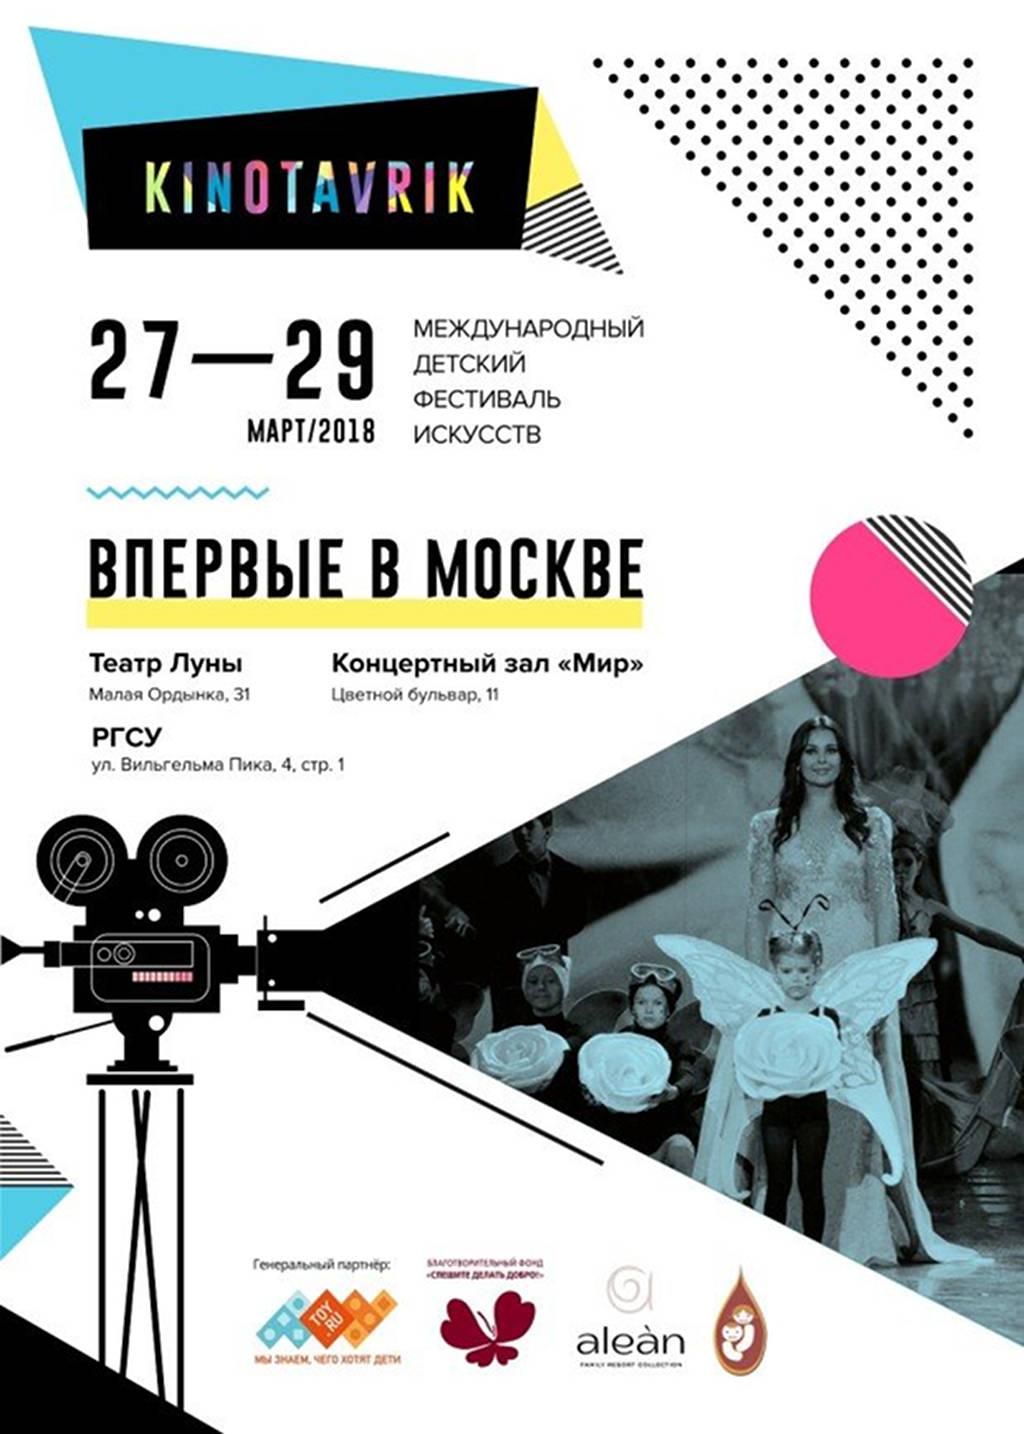 детский фестиваль «Кинотаврик»